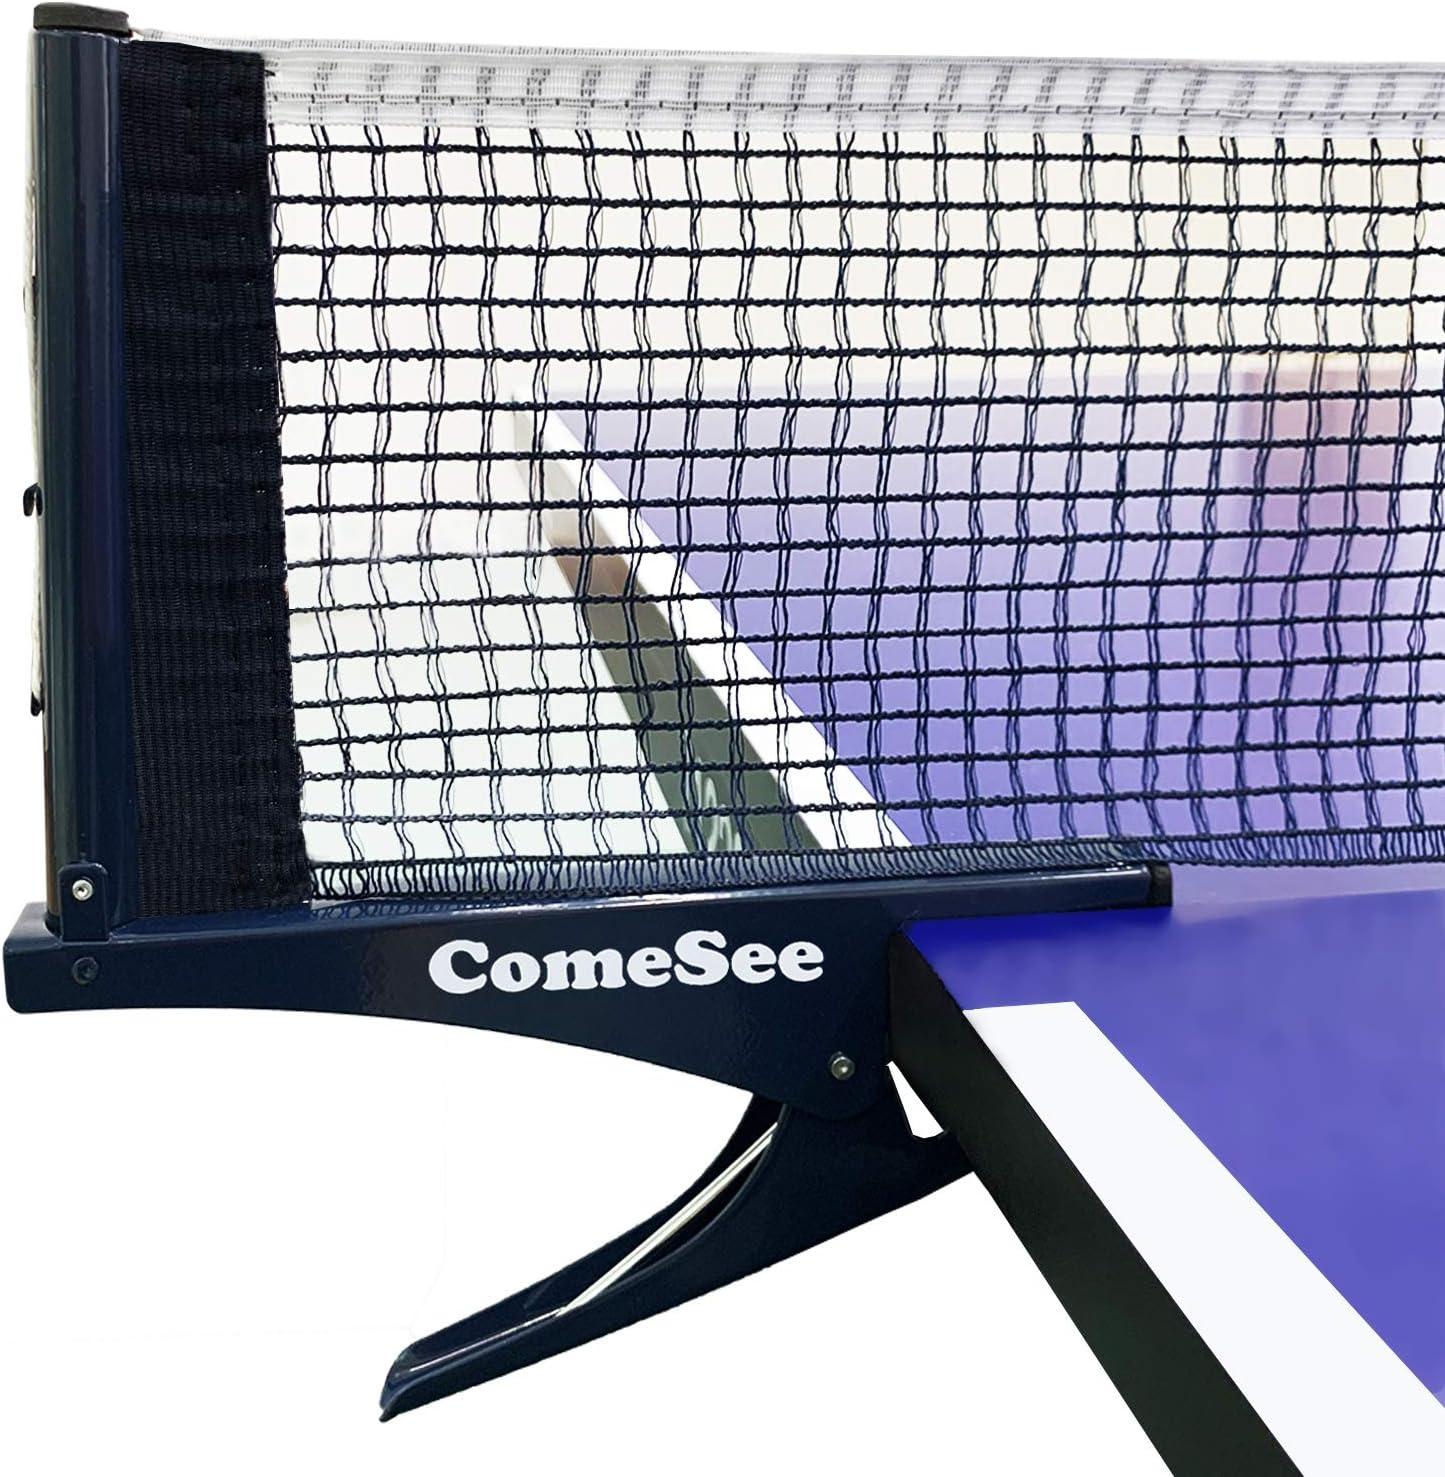 Kioos Red de tenis de mesa acero profesional con pinza de malla para entrenamiento, competición y portátil, red de pinzas